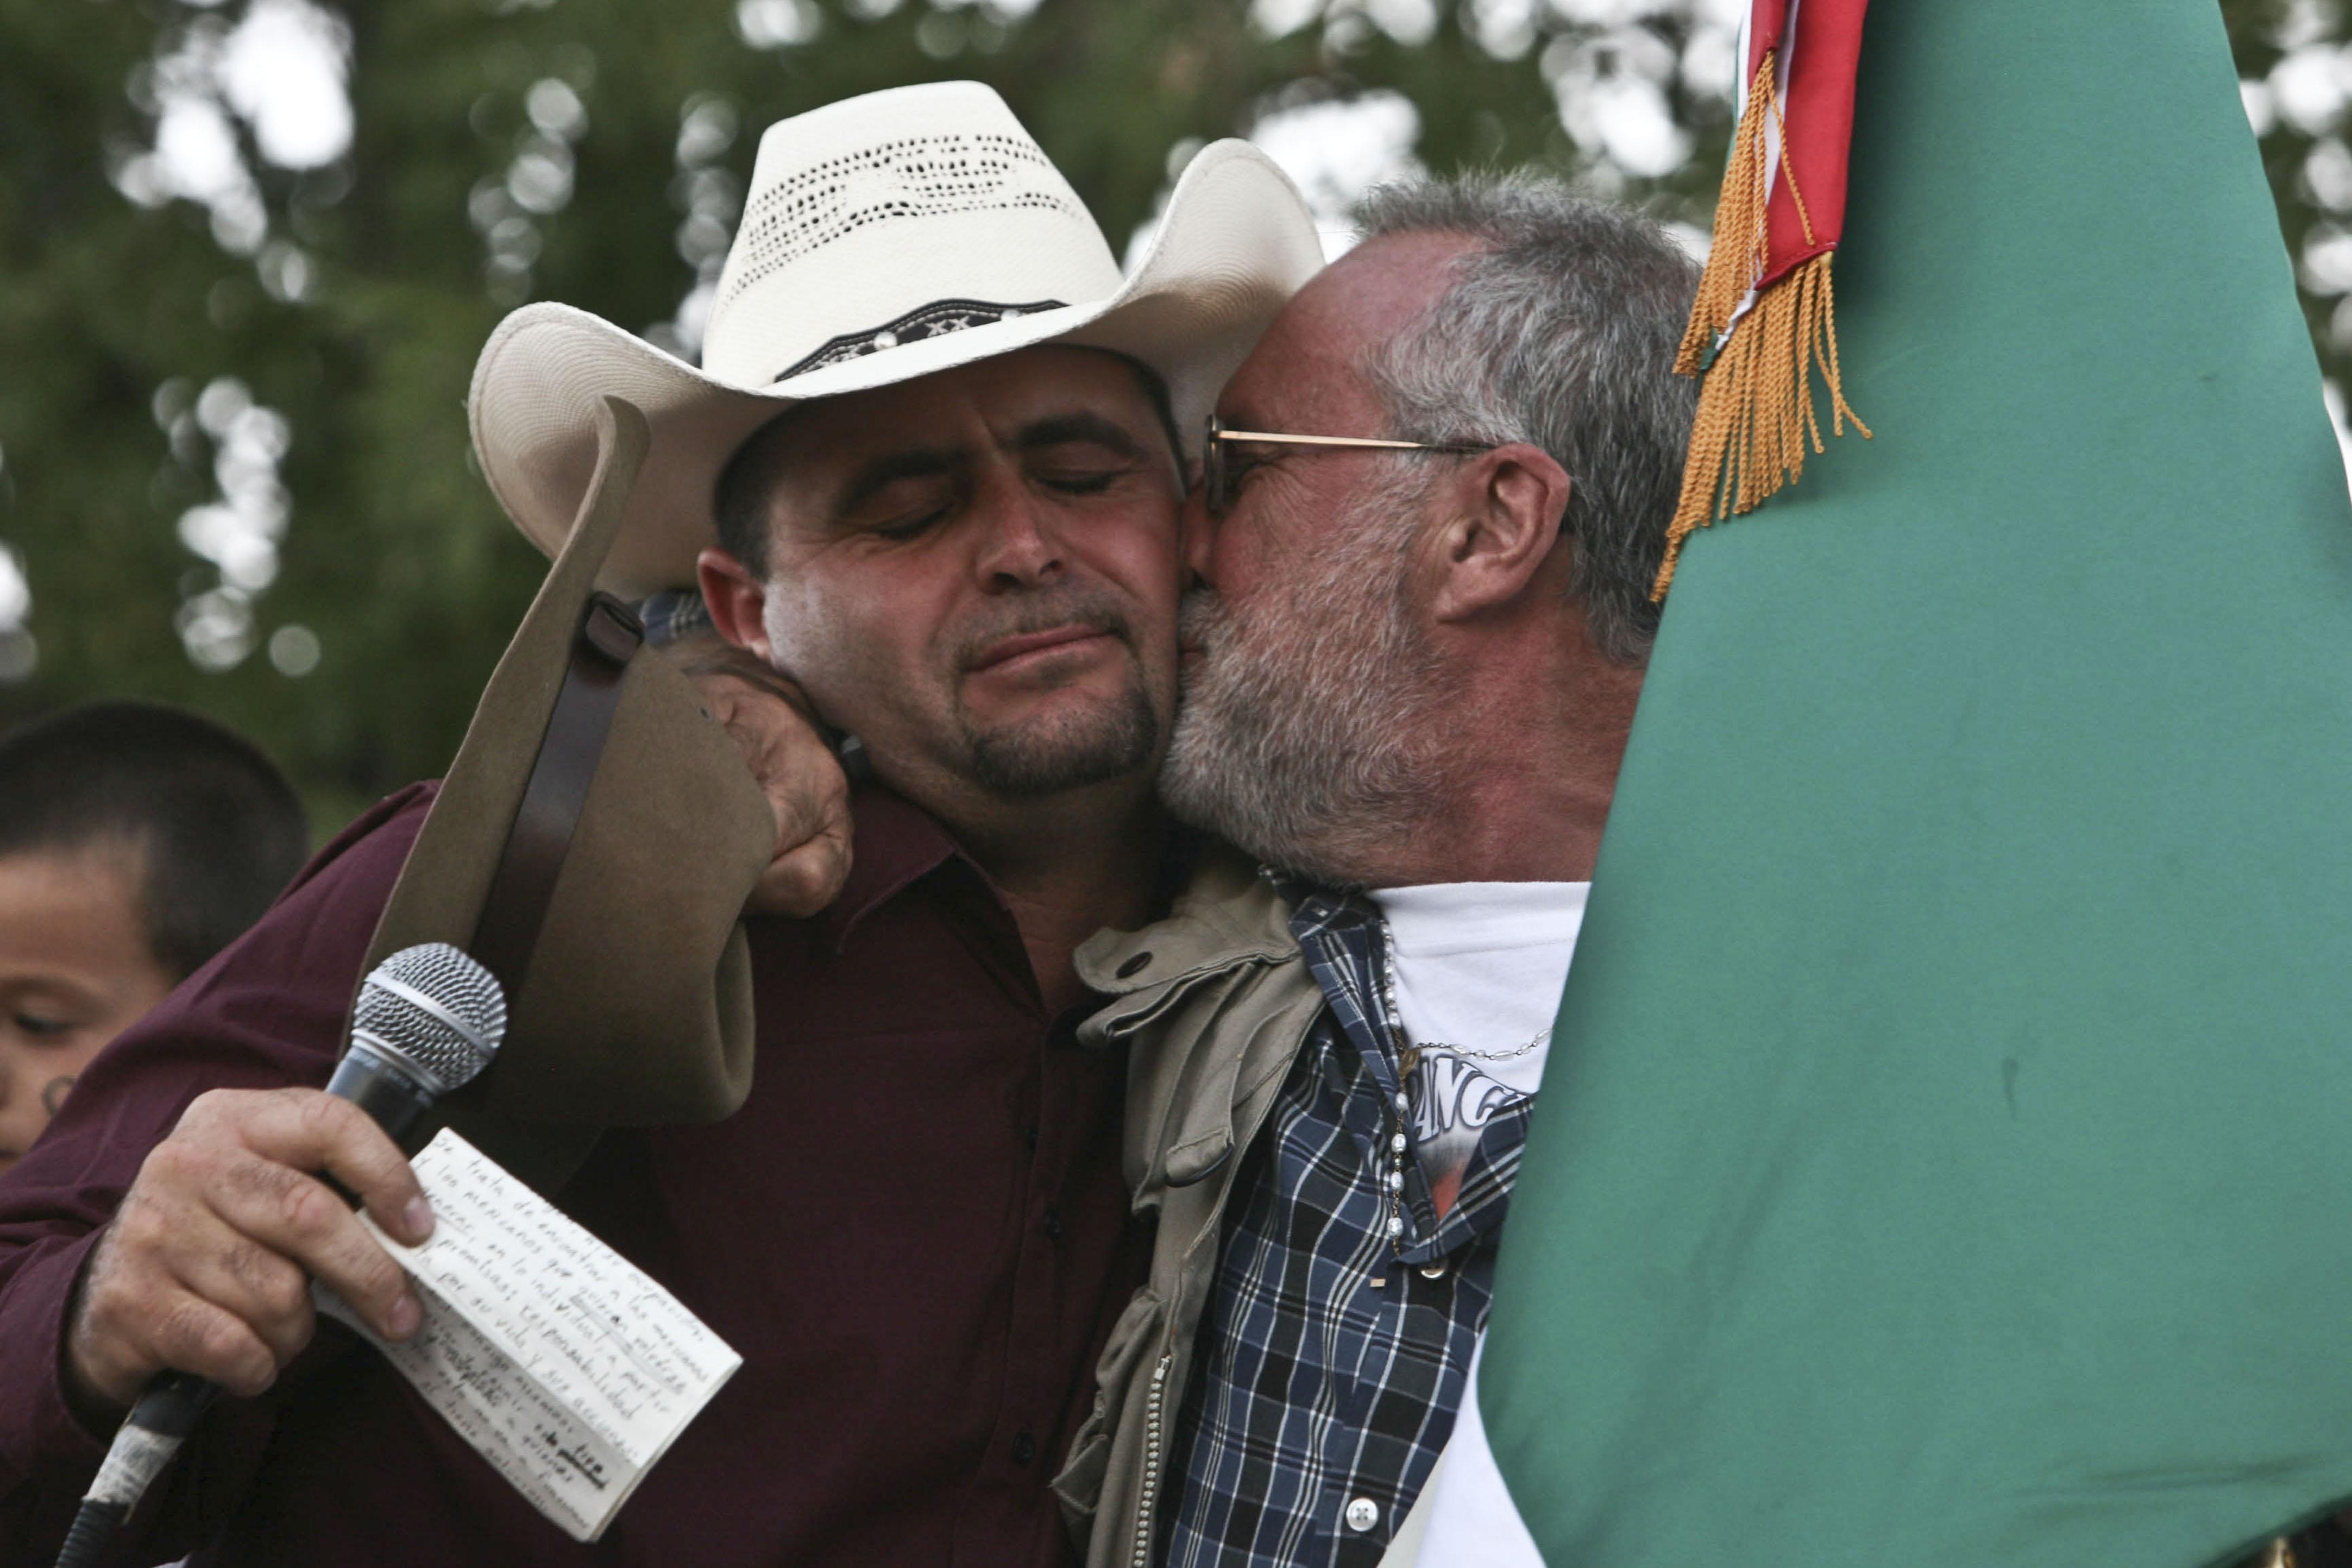 AMLO traicionó a una política de paz, dice Javier Sicilia en carta a LeBarón